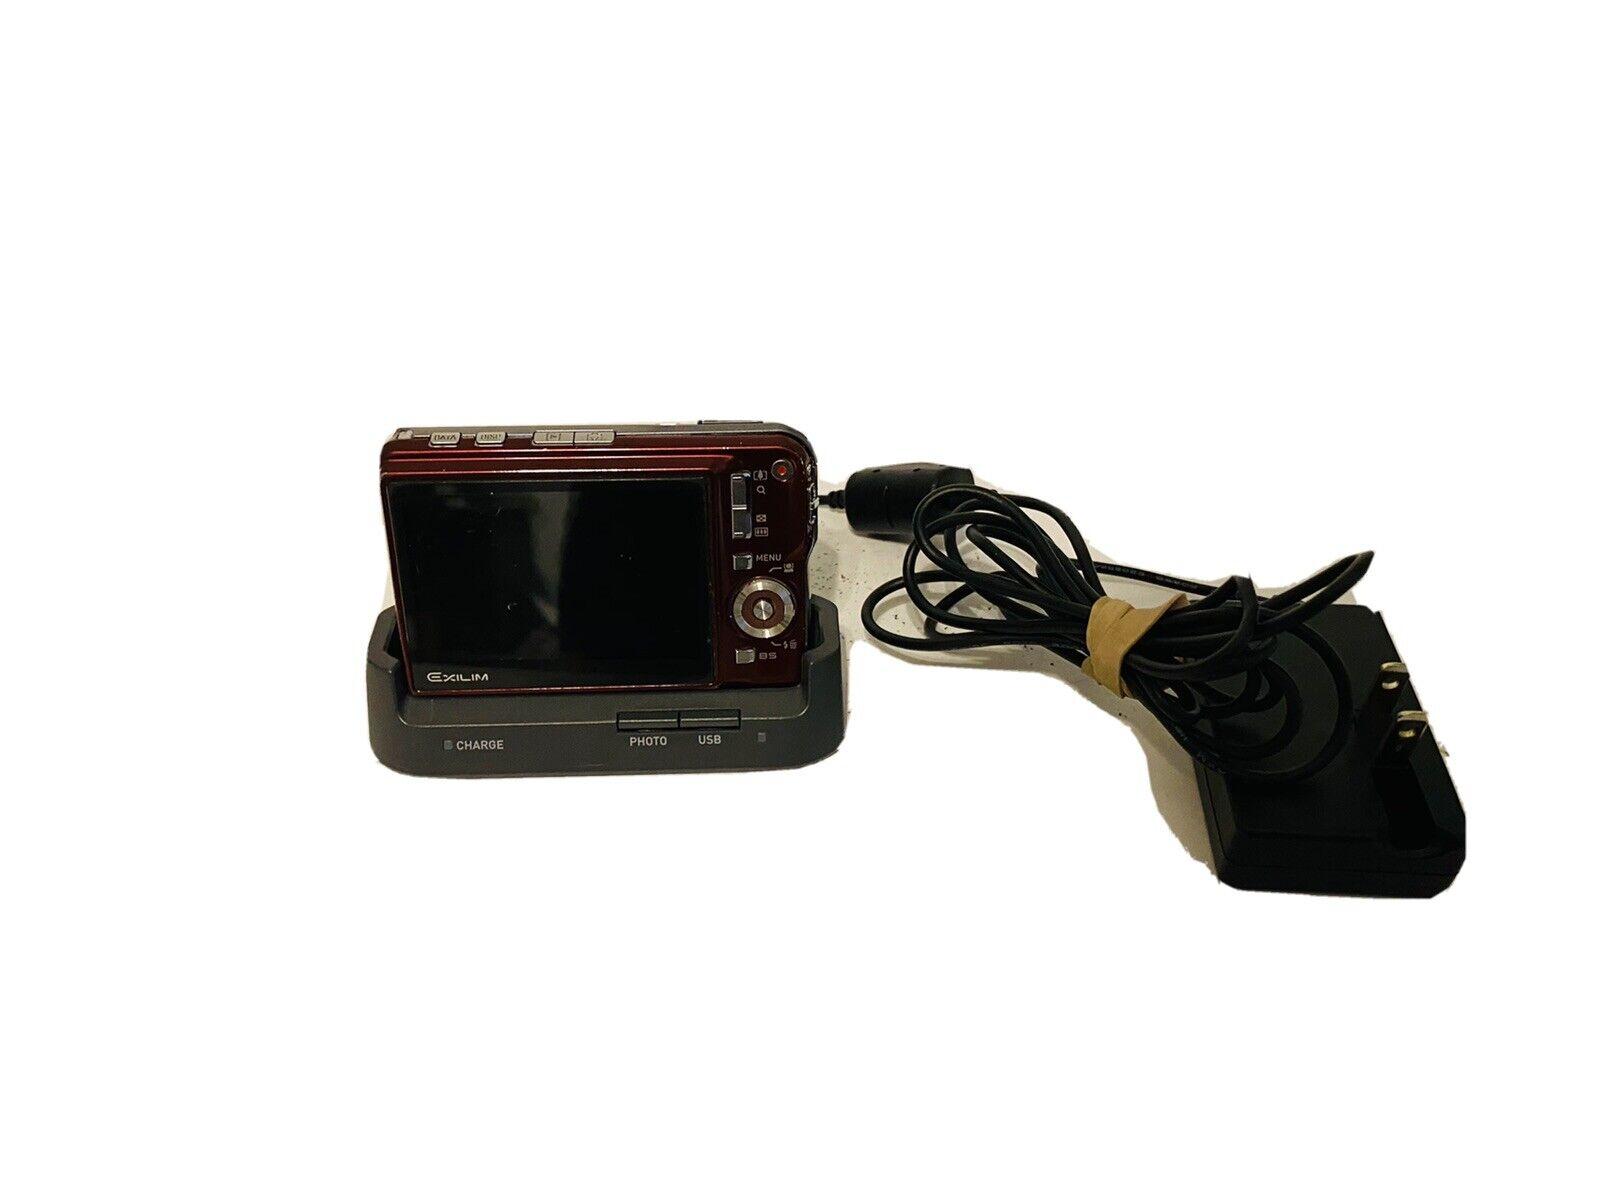 Caricabatteria PER Casio Exilim ex-s880 ex-s770 S 770 880